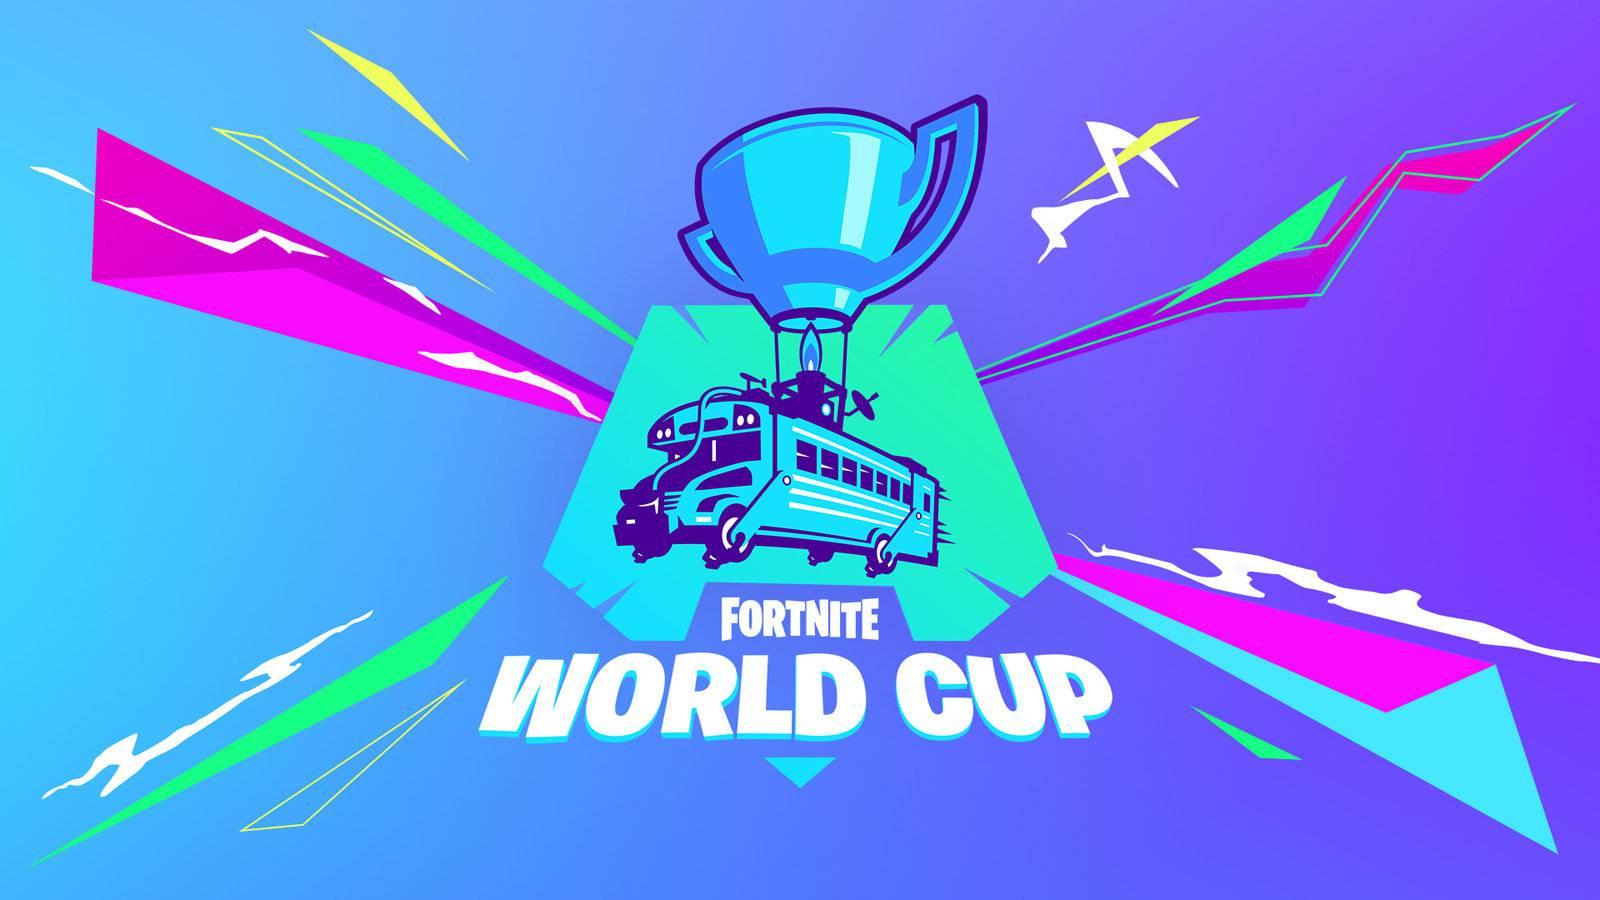 Fortnite Cupa Mondiala